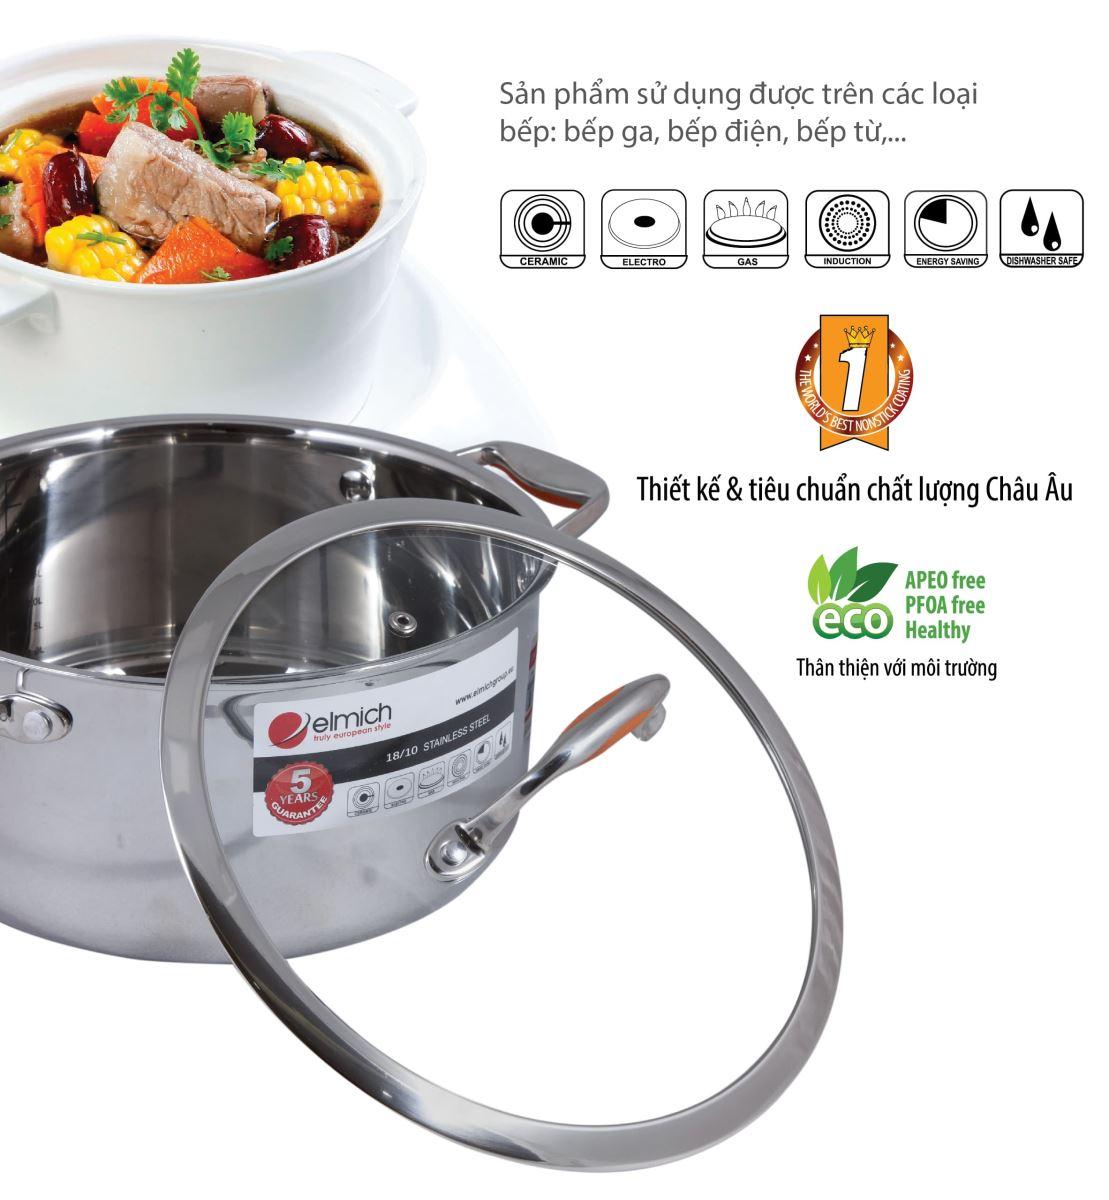 Bộ nồi inox Elmich Matador sử dụng được trên tất cả các loại bếp